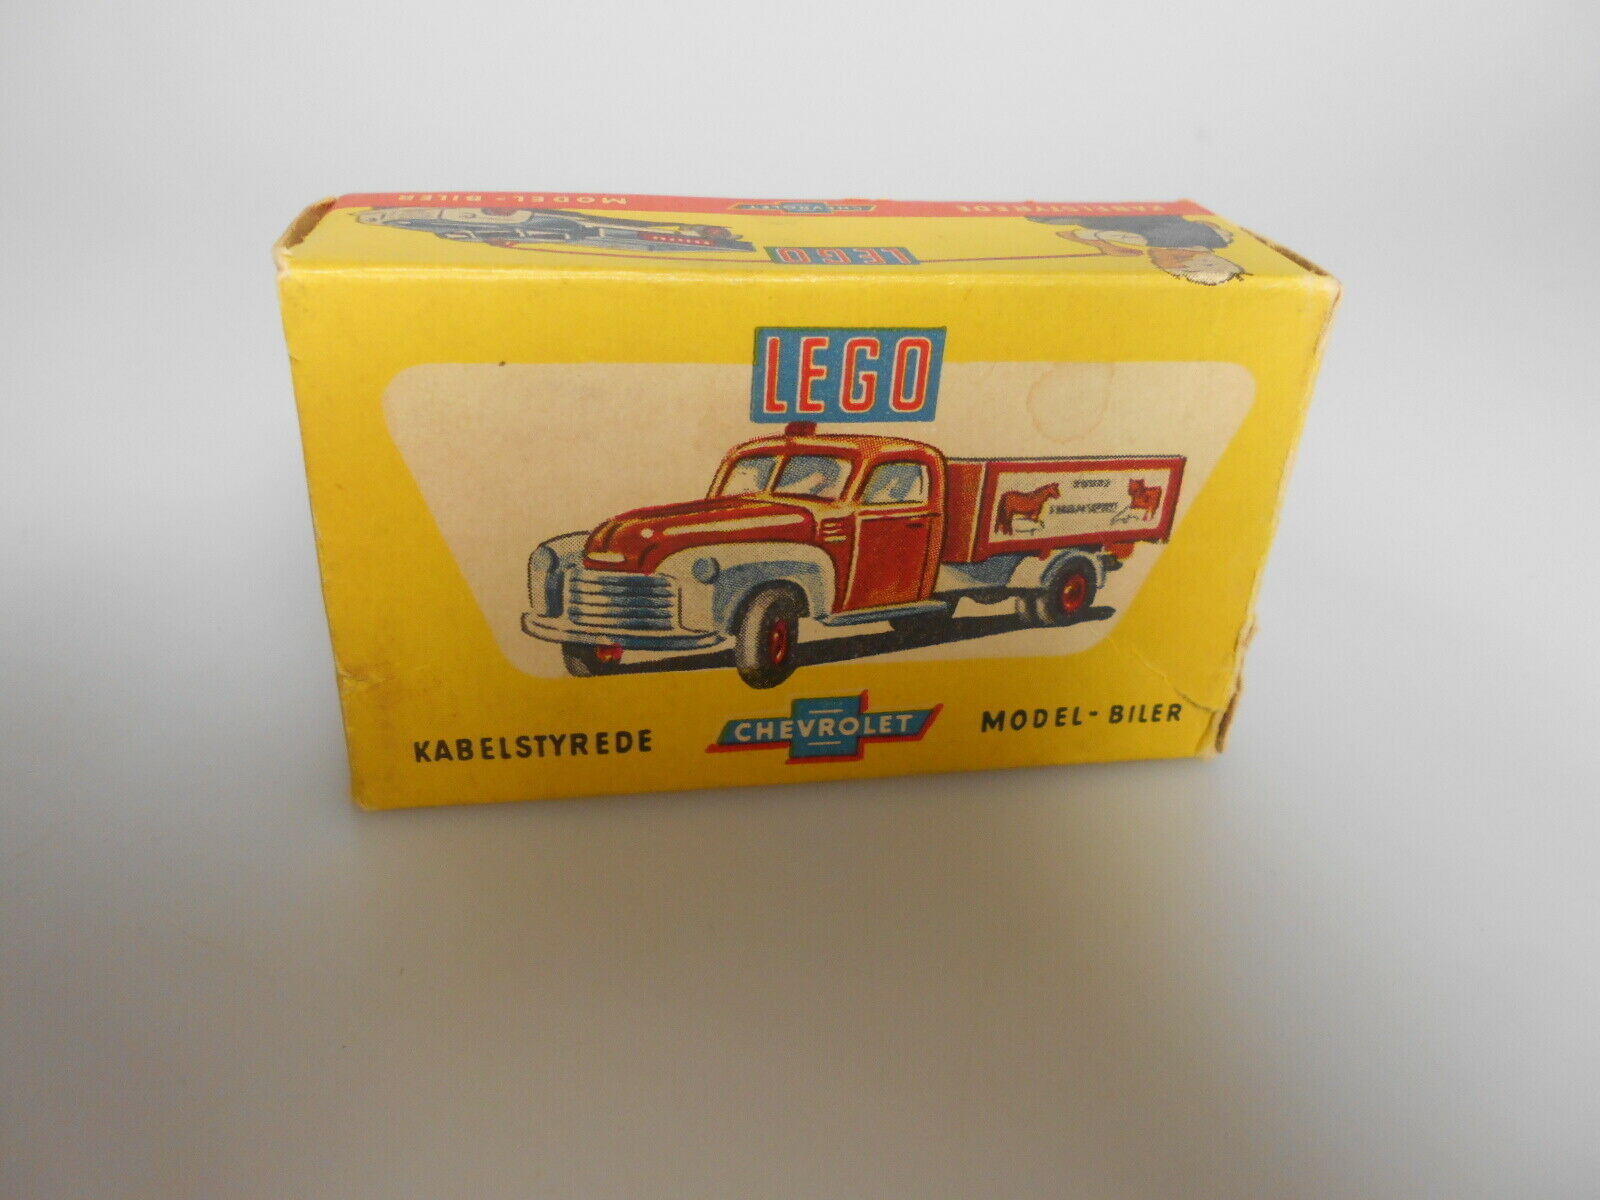 Lego® Chevrolet Dansk ESSO Auflieger  Model Biler 1 43 50er Jahre mit Box